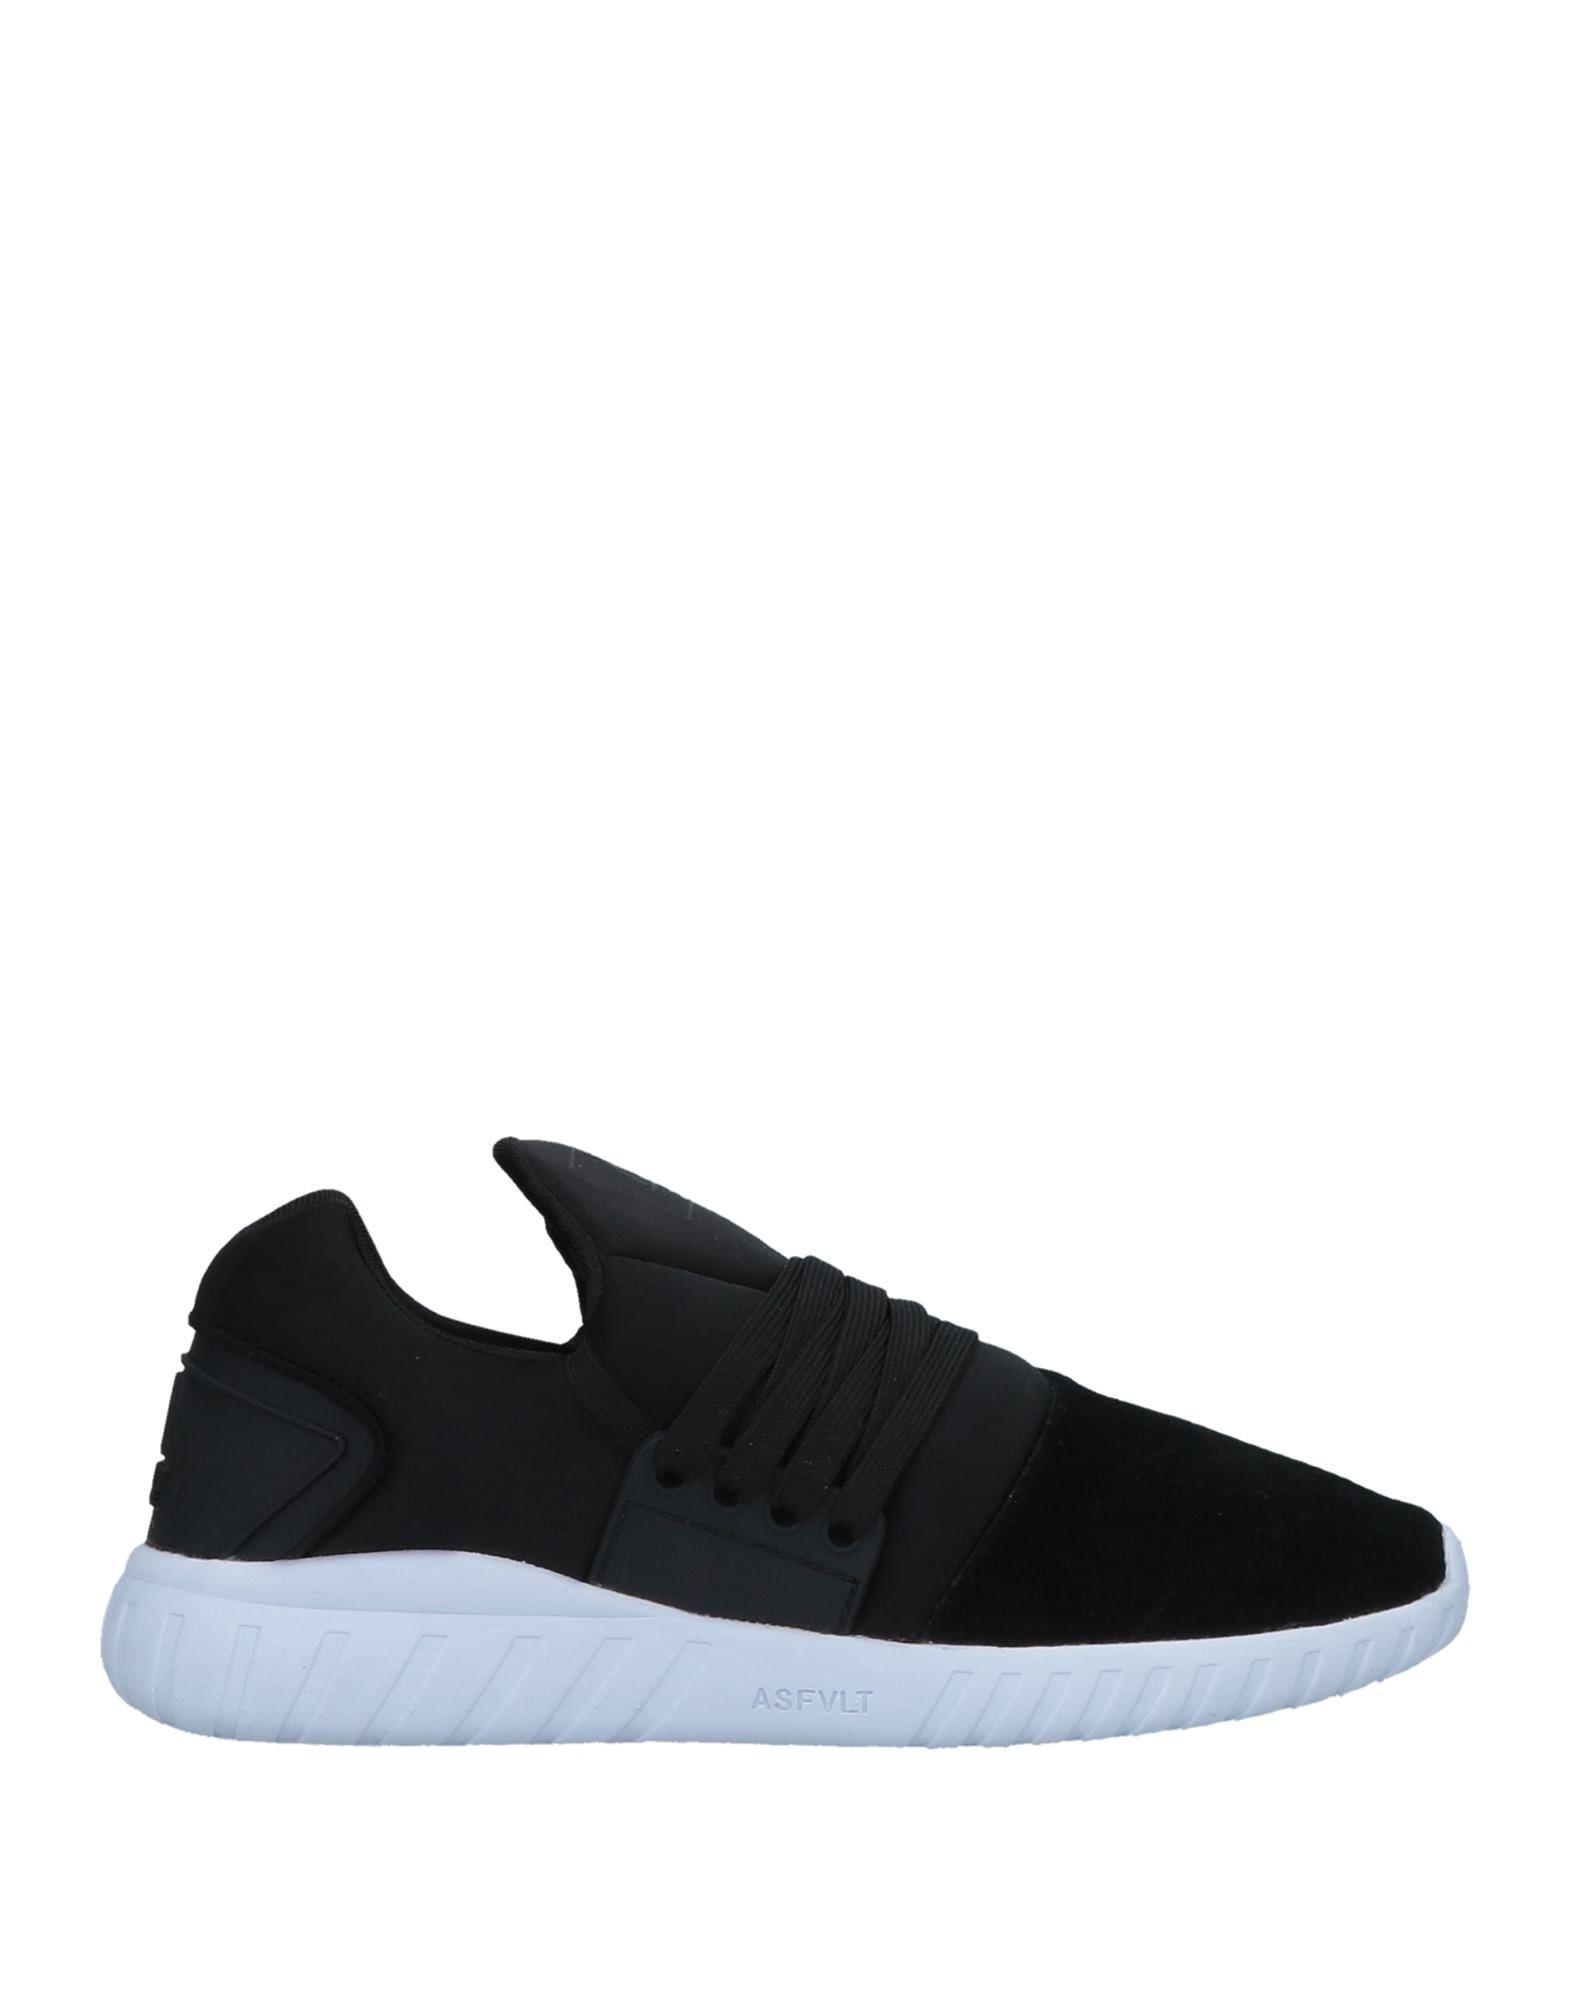 Asfvlt Sneakers Damen  11506894CC Gute Qualität beliebte Schuhe